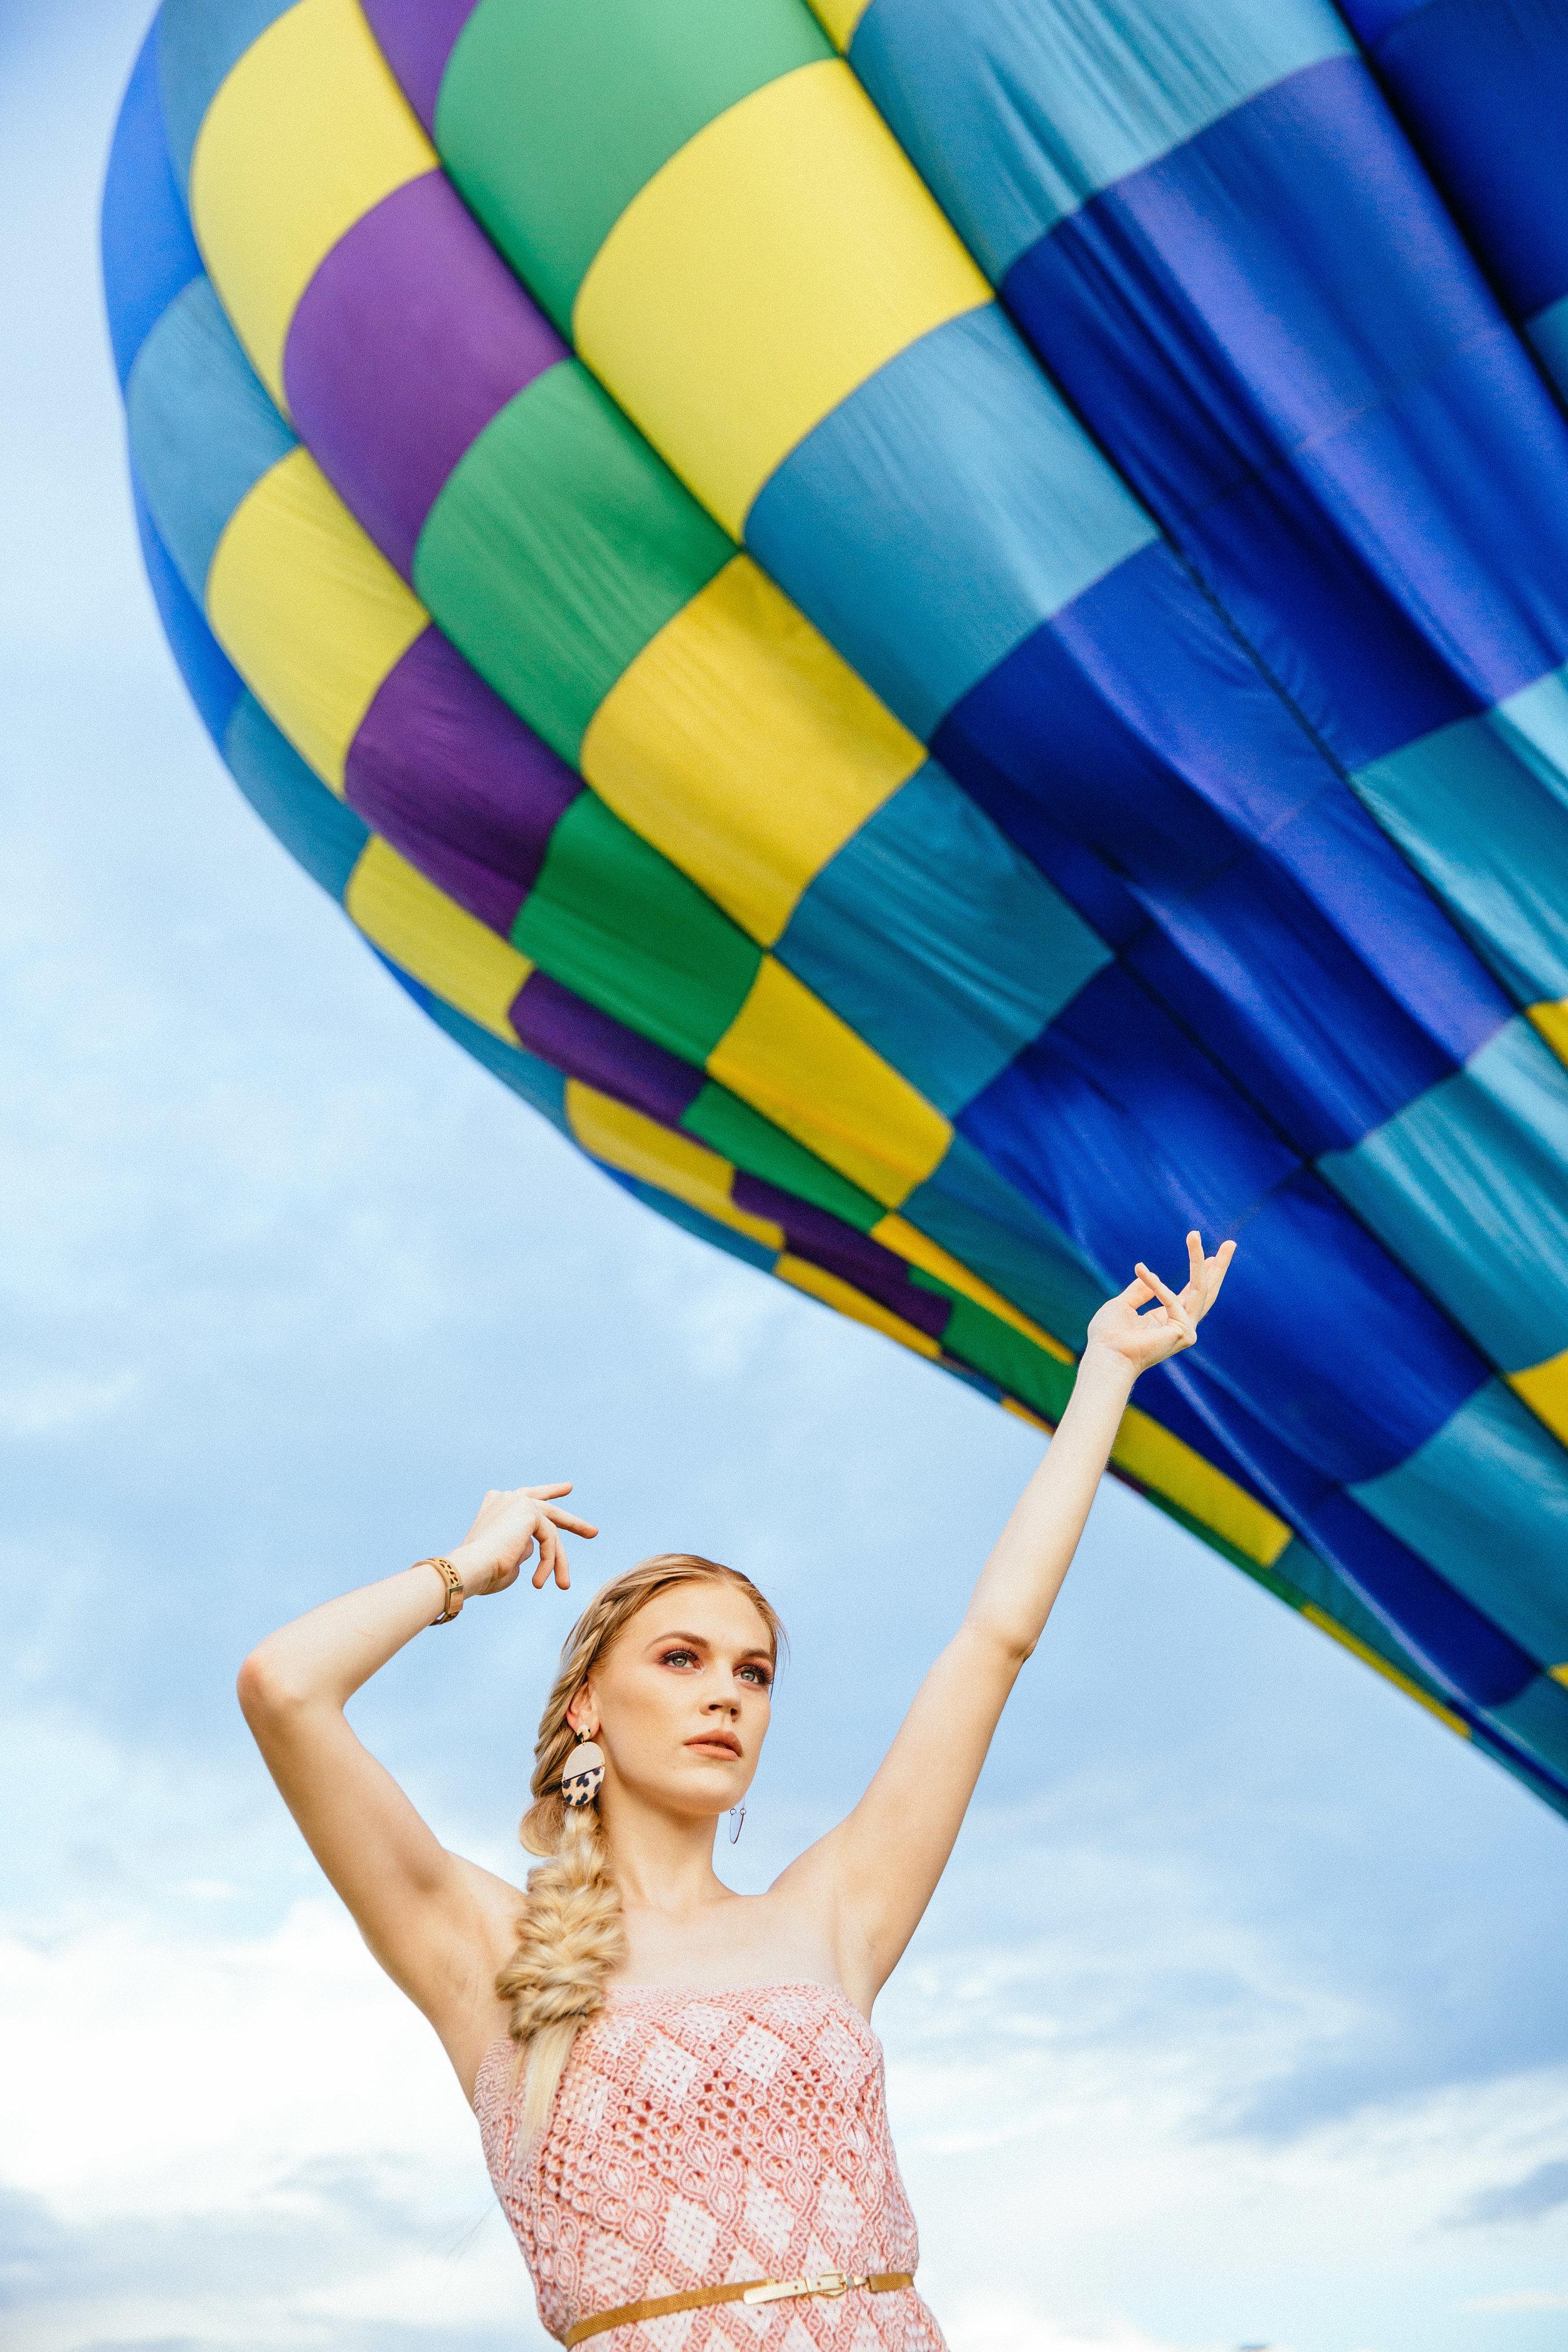 hotairballoon-revised (9).jpg